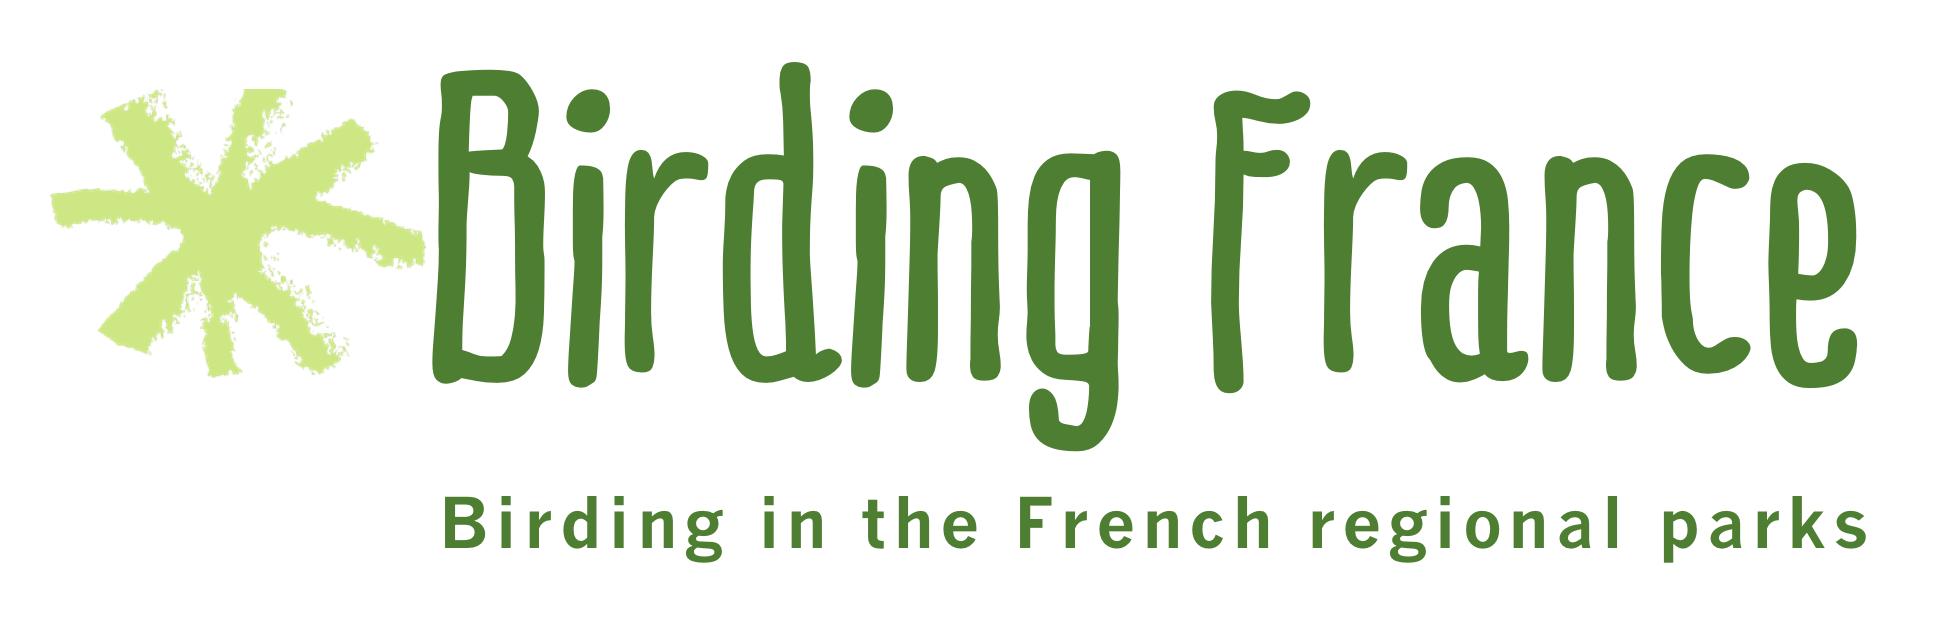 Birding France